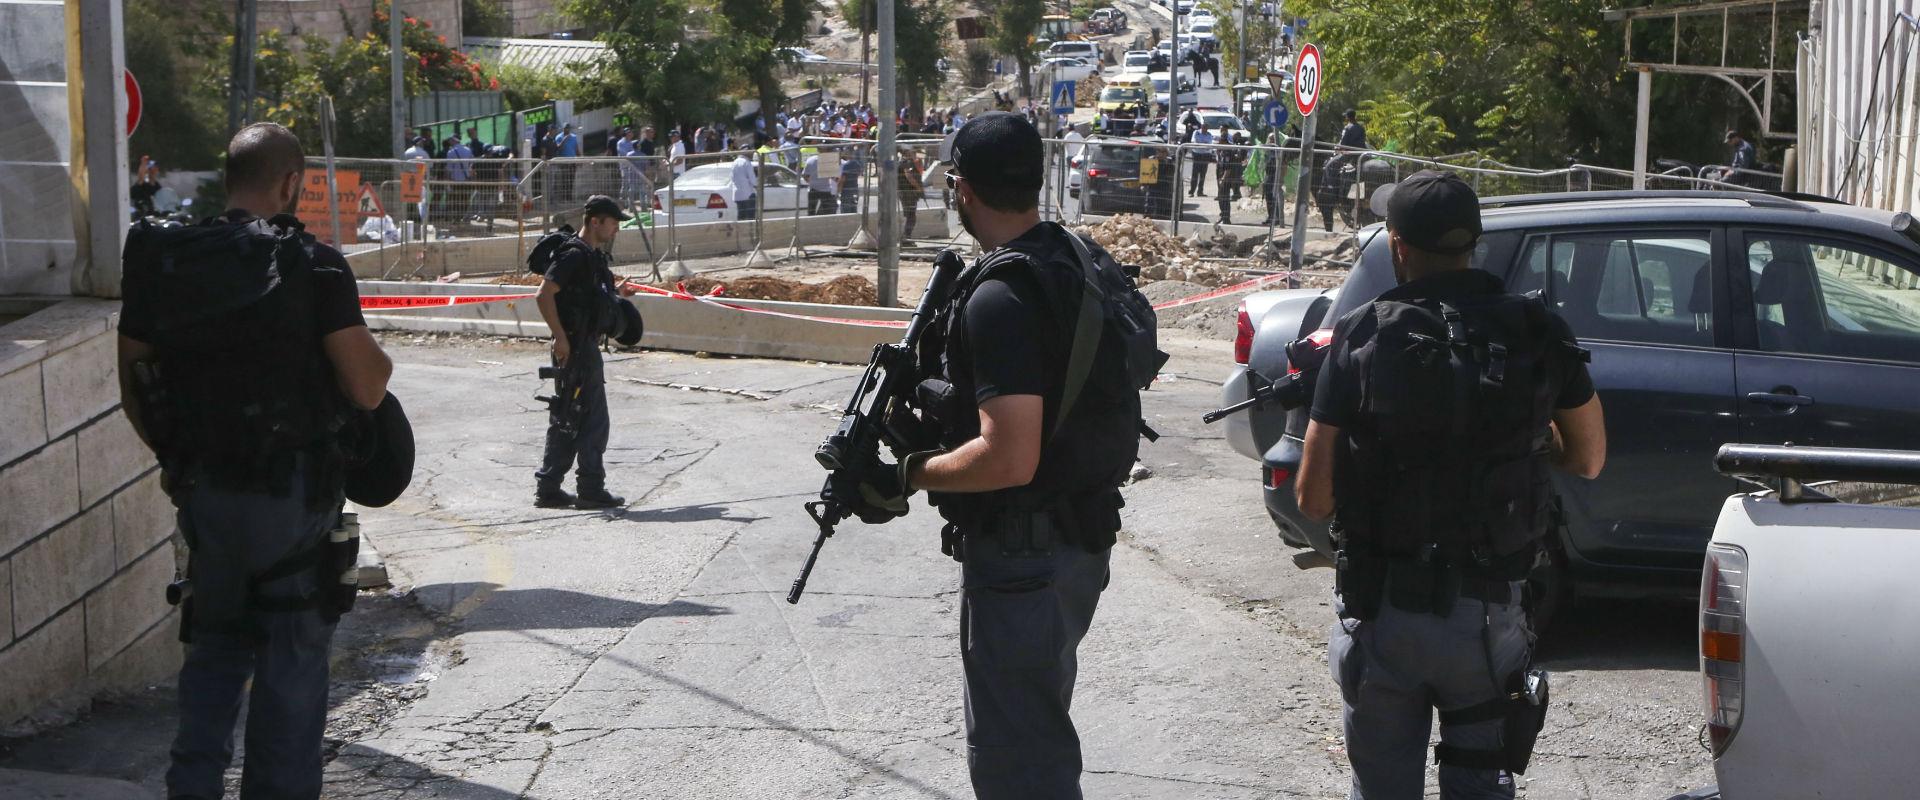 שוטרים בכניסה להר הבית, היום